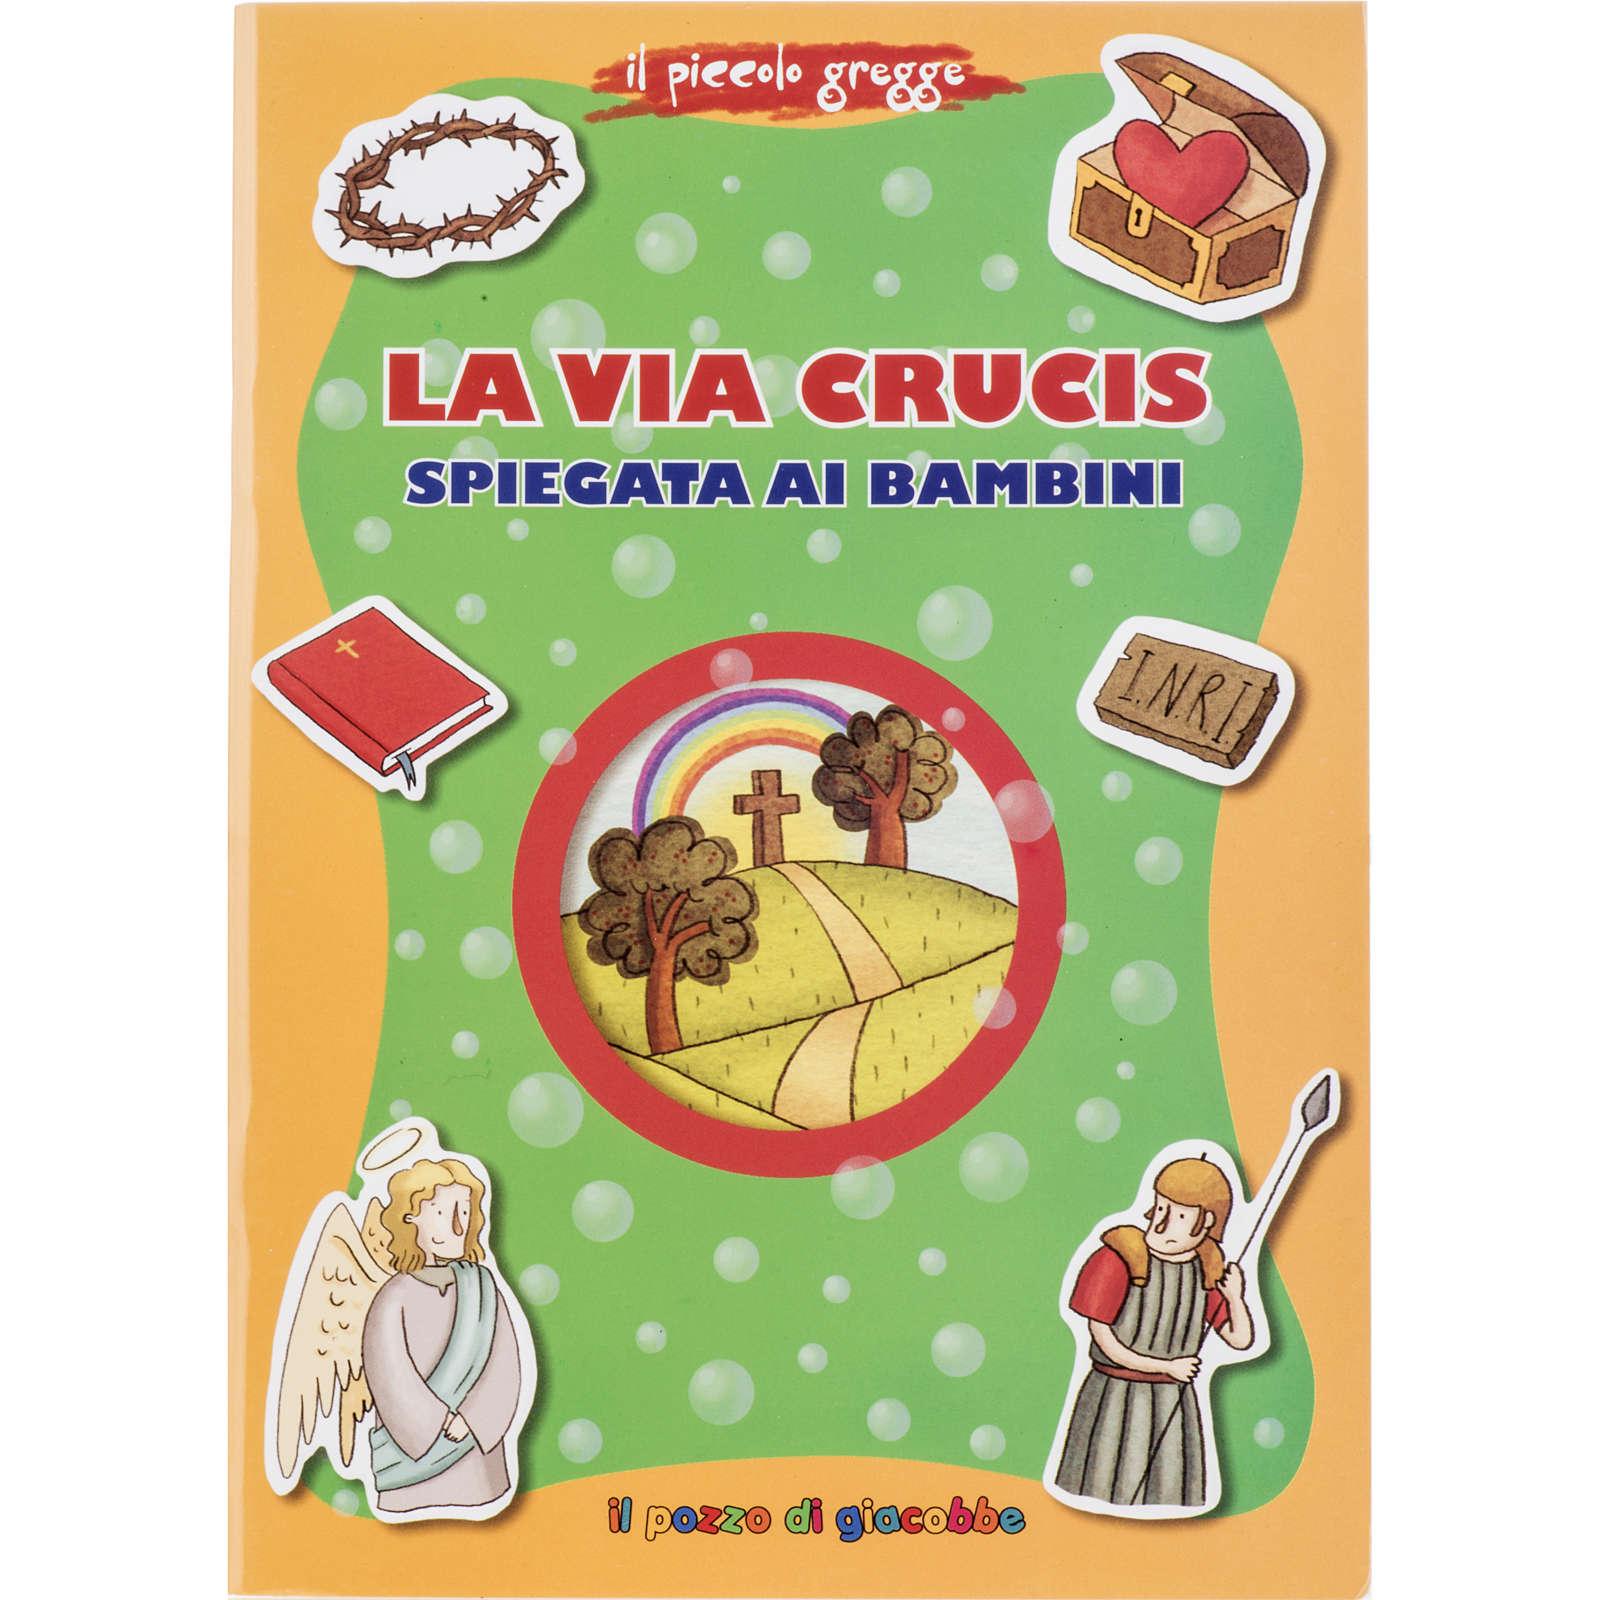 La Via Crucis spiegata ai bambini 4